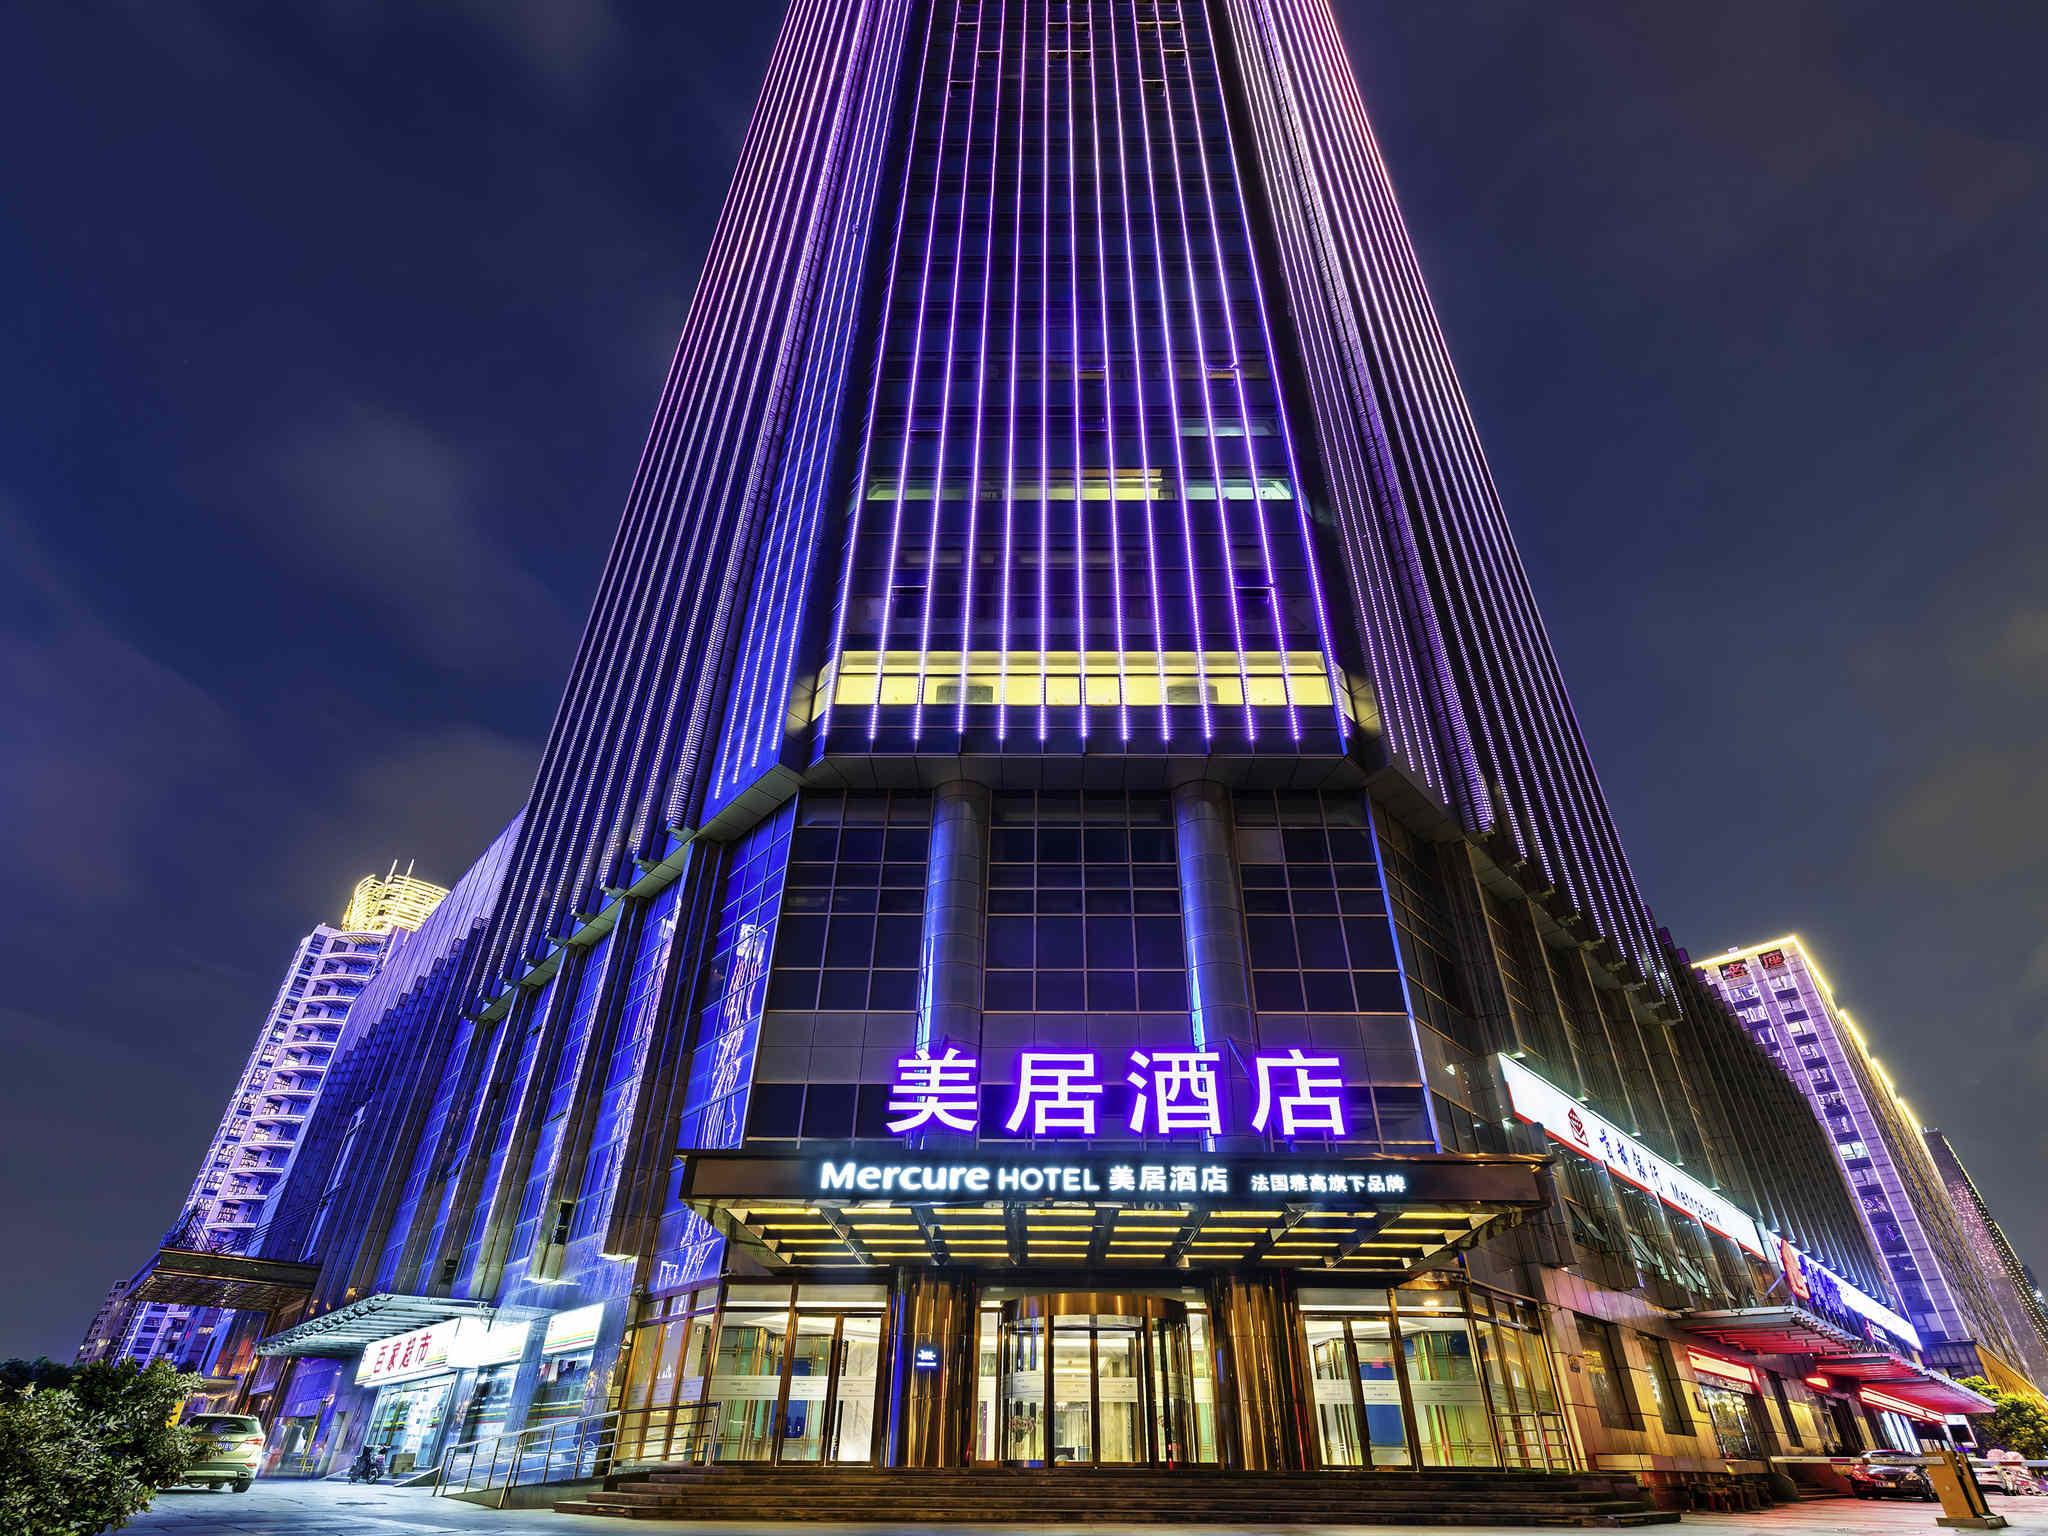 ホテル – メルキュール 南京 オリンピック センター